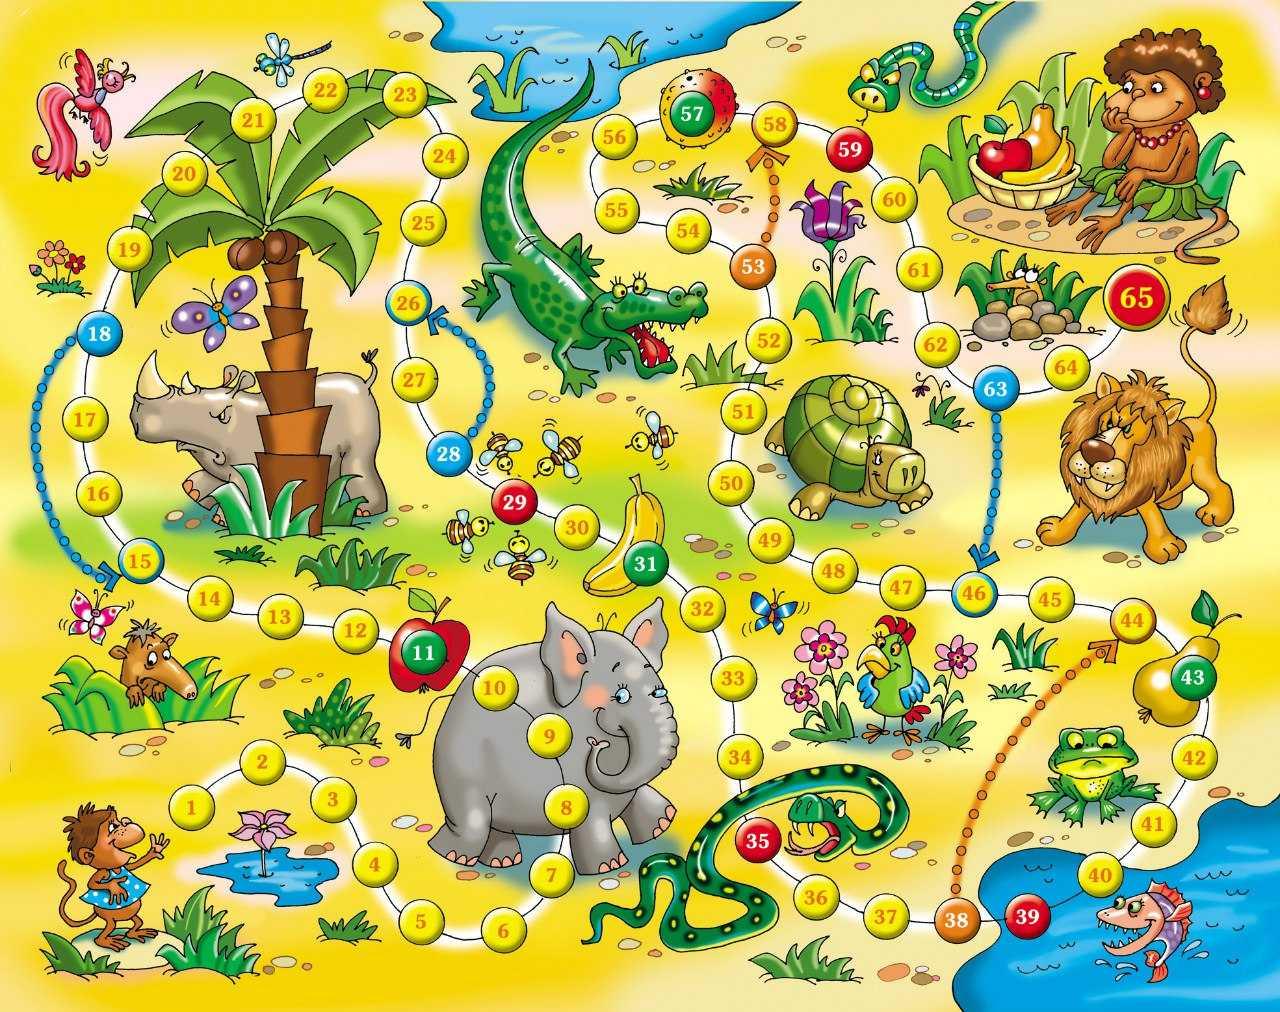 Самые популярные настольные игры для детей на 6 лет: интересные развивающие игры для девочек и мальчиков